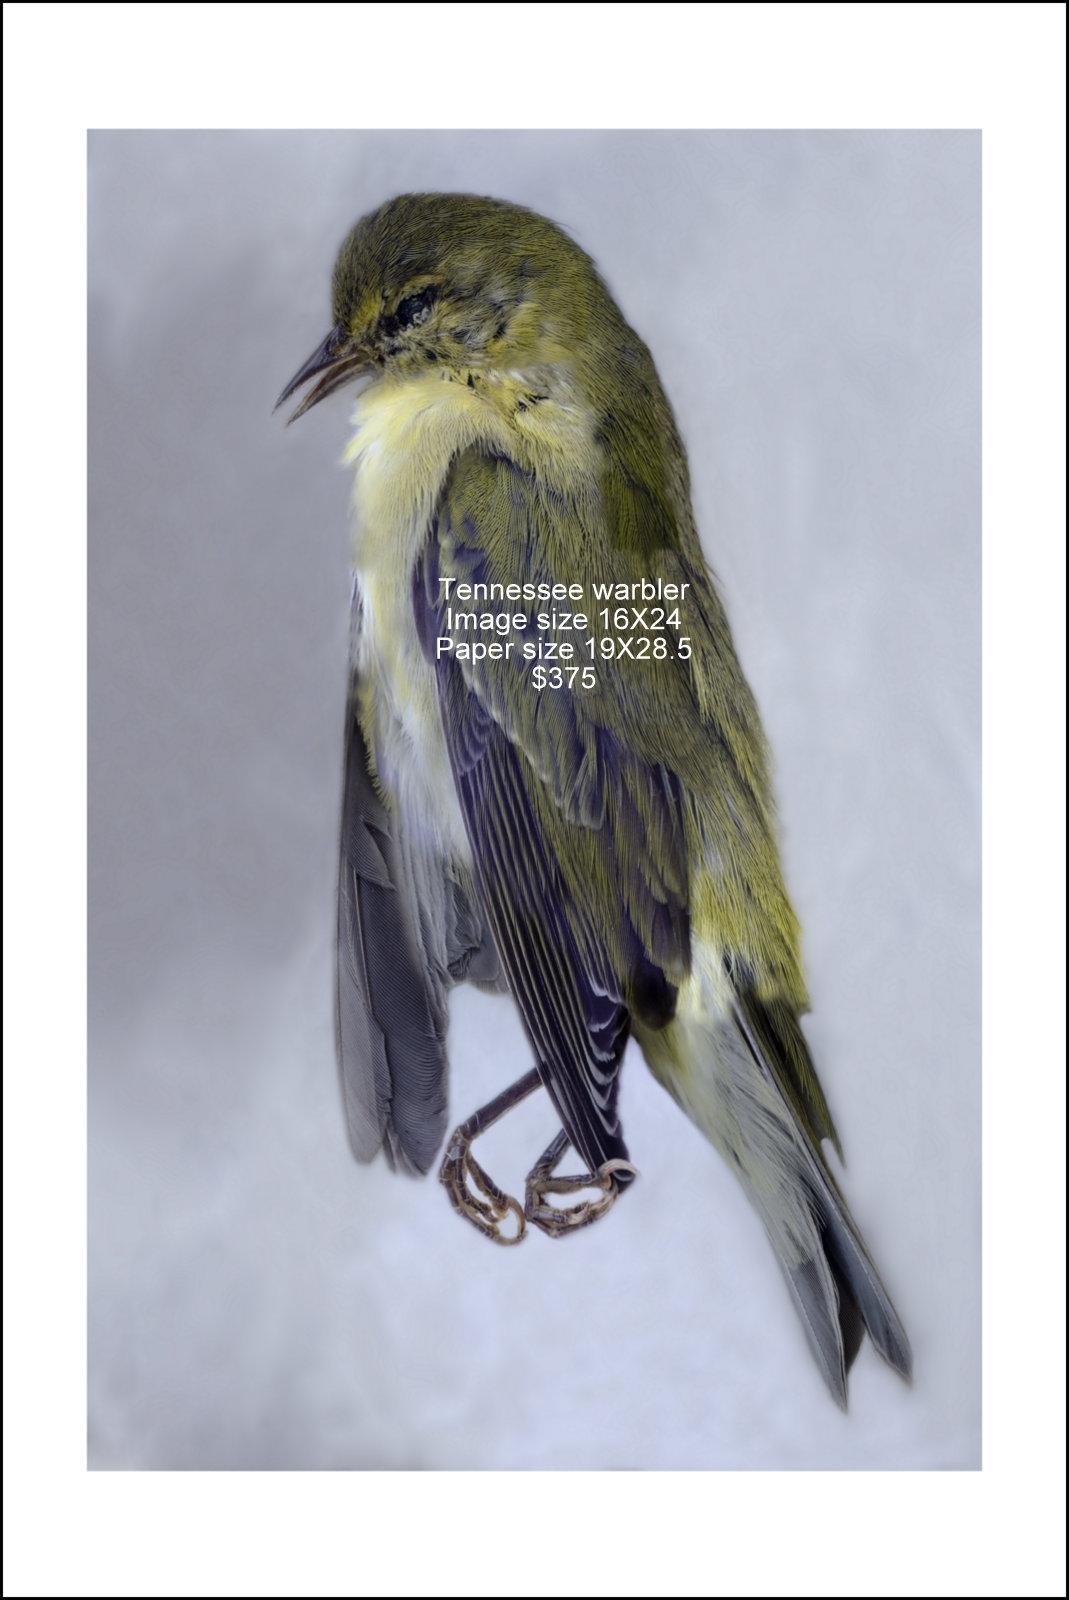 Tennessee warbler.jpg